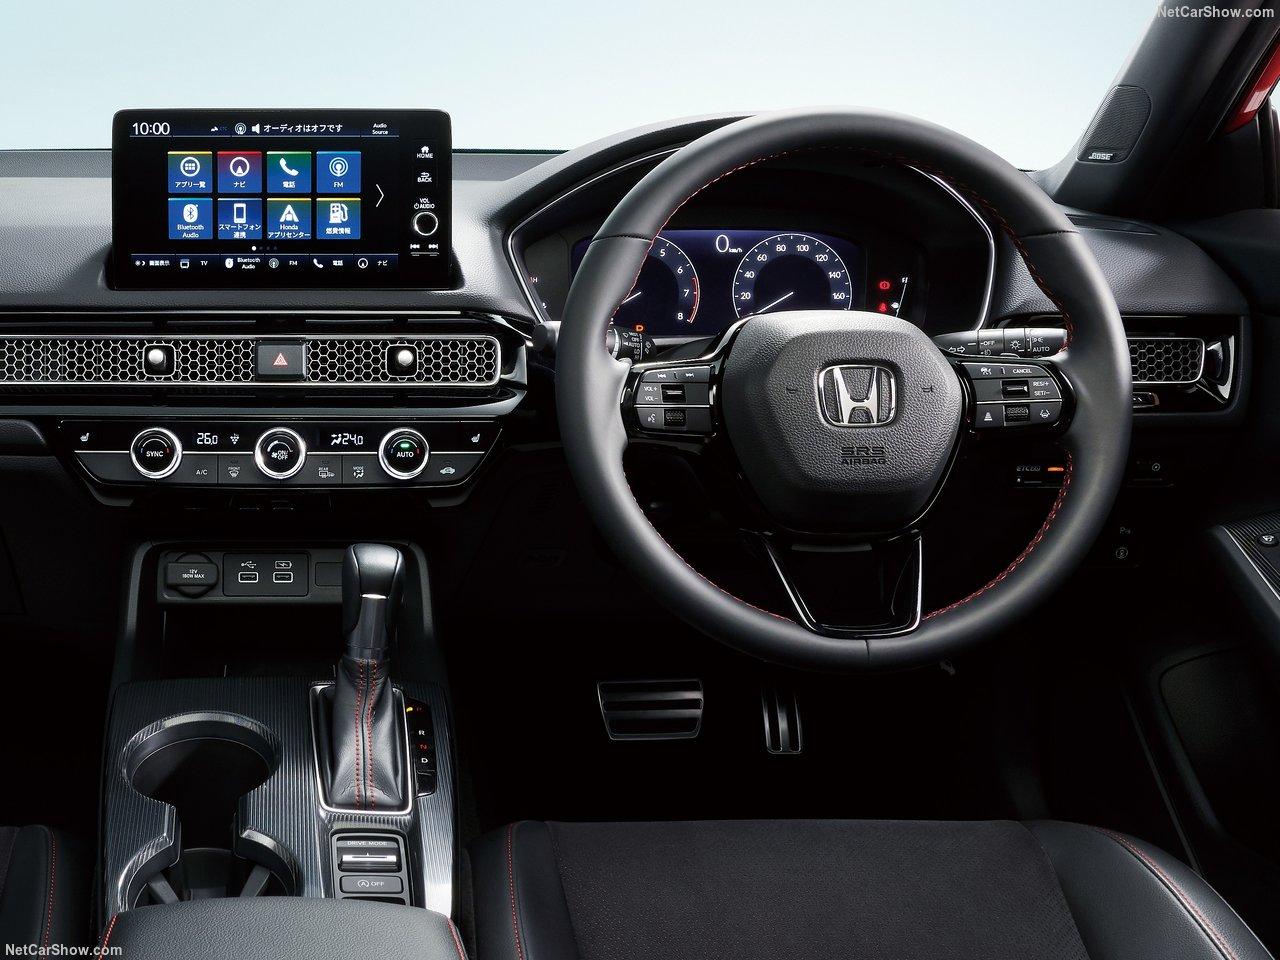 «Это самый веселый в управлении Civic Hatchback, который мы когда-либо делали», - сказал Дэйв Гарднер, исполнительный вице-президент по национальным операциям в American Honda Motor Co., Inc. Совершенно новый Civic Hatchback еще больше усиливает хара